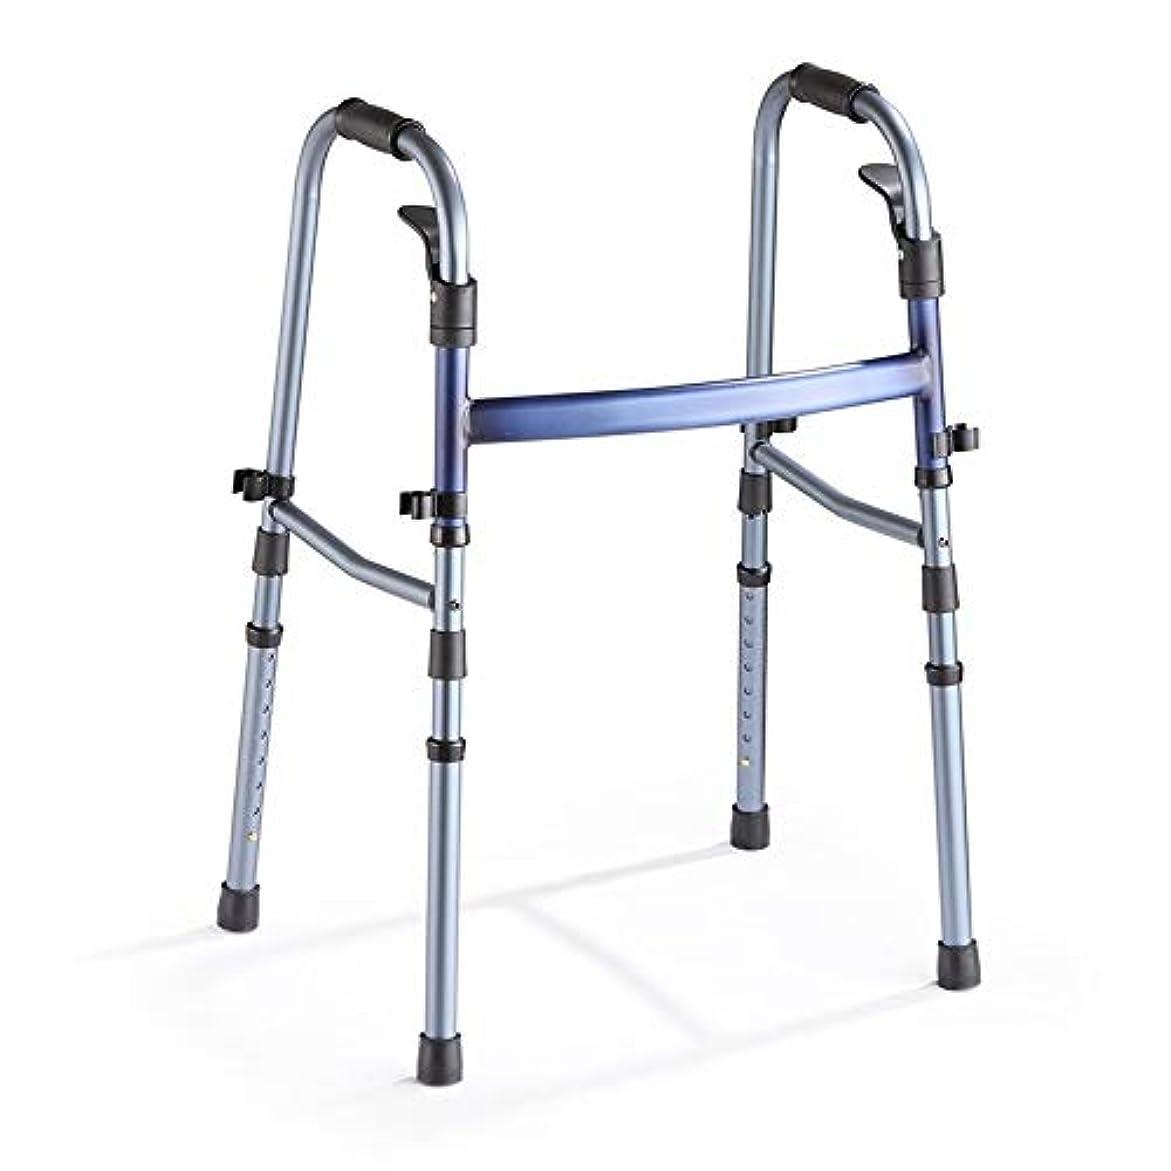 定刻スプーンベーカリー折りたたみ式軽量アルミニウム歩行ジマーフレームウォーカー-調節可能な高さ